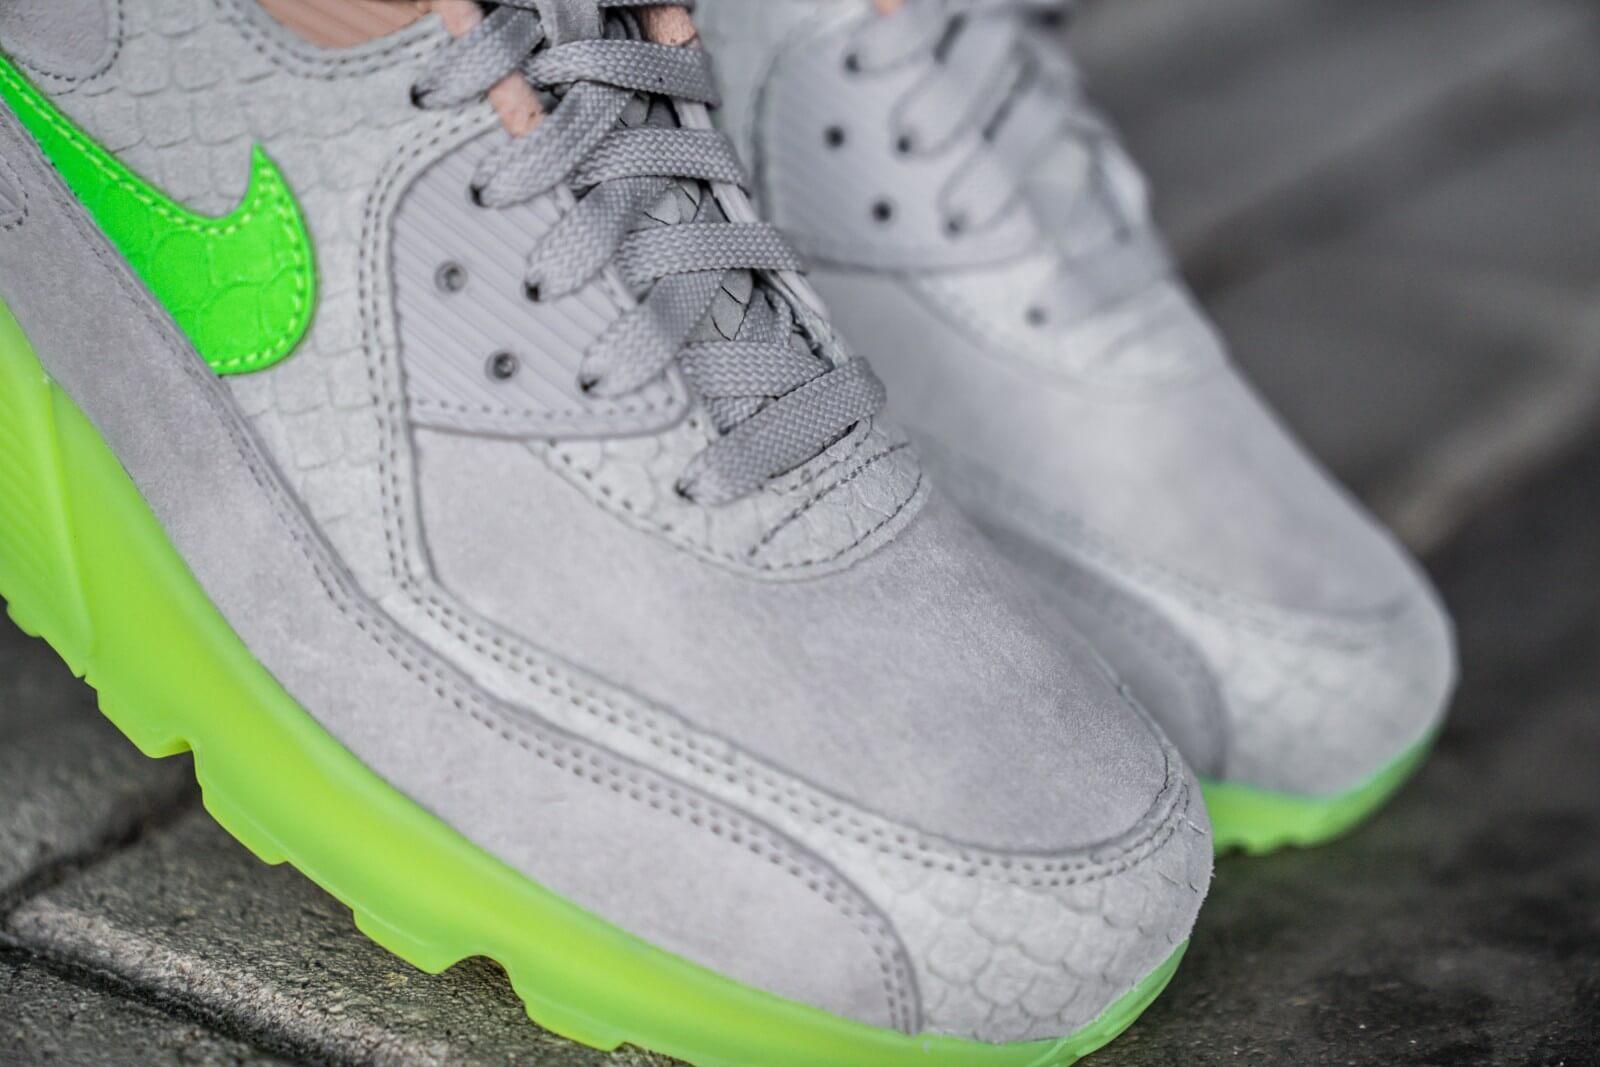 Nike Air Max 90 Premium 'Electric Green' | CQ0786 001